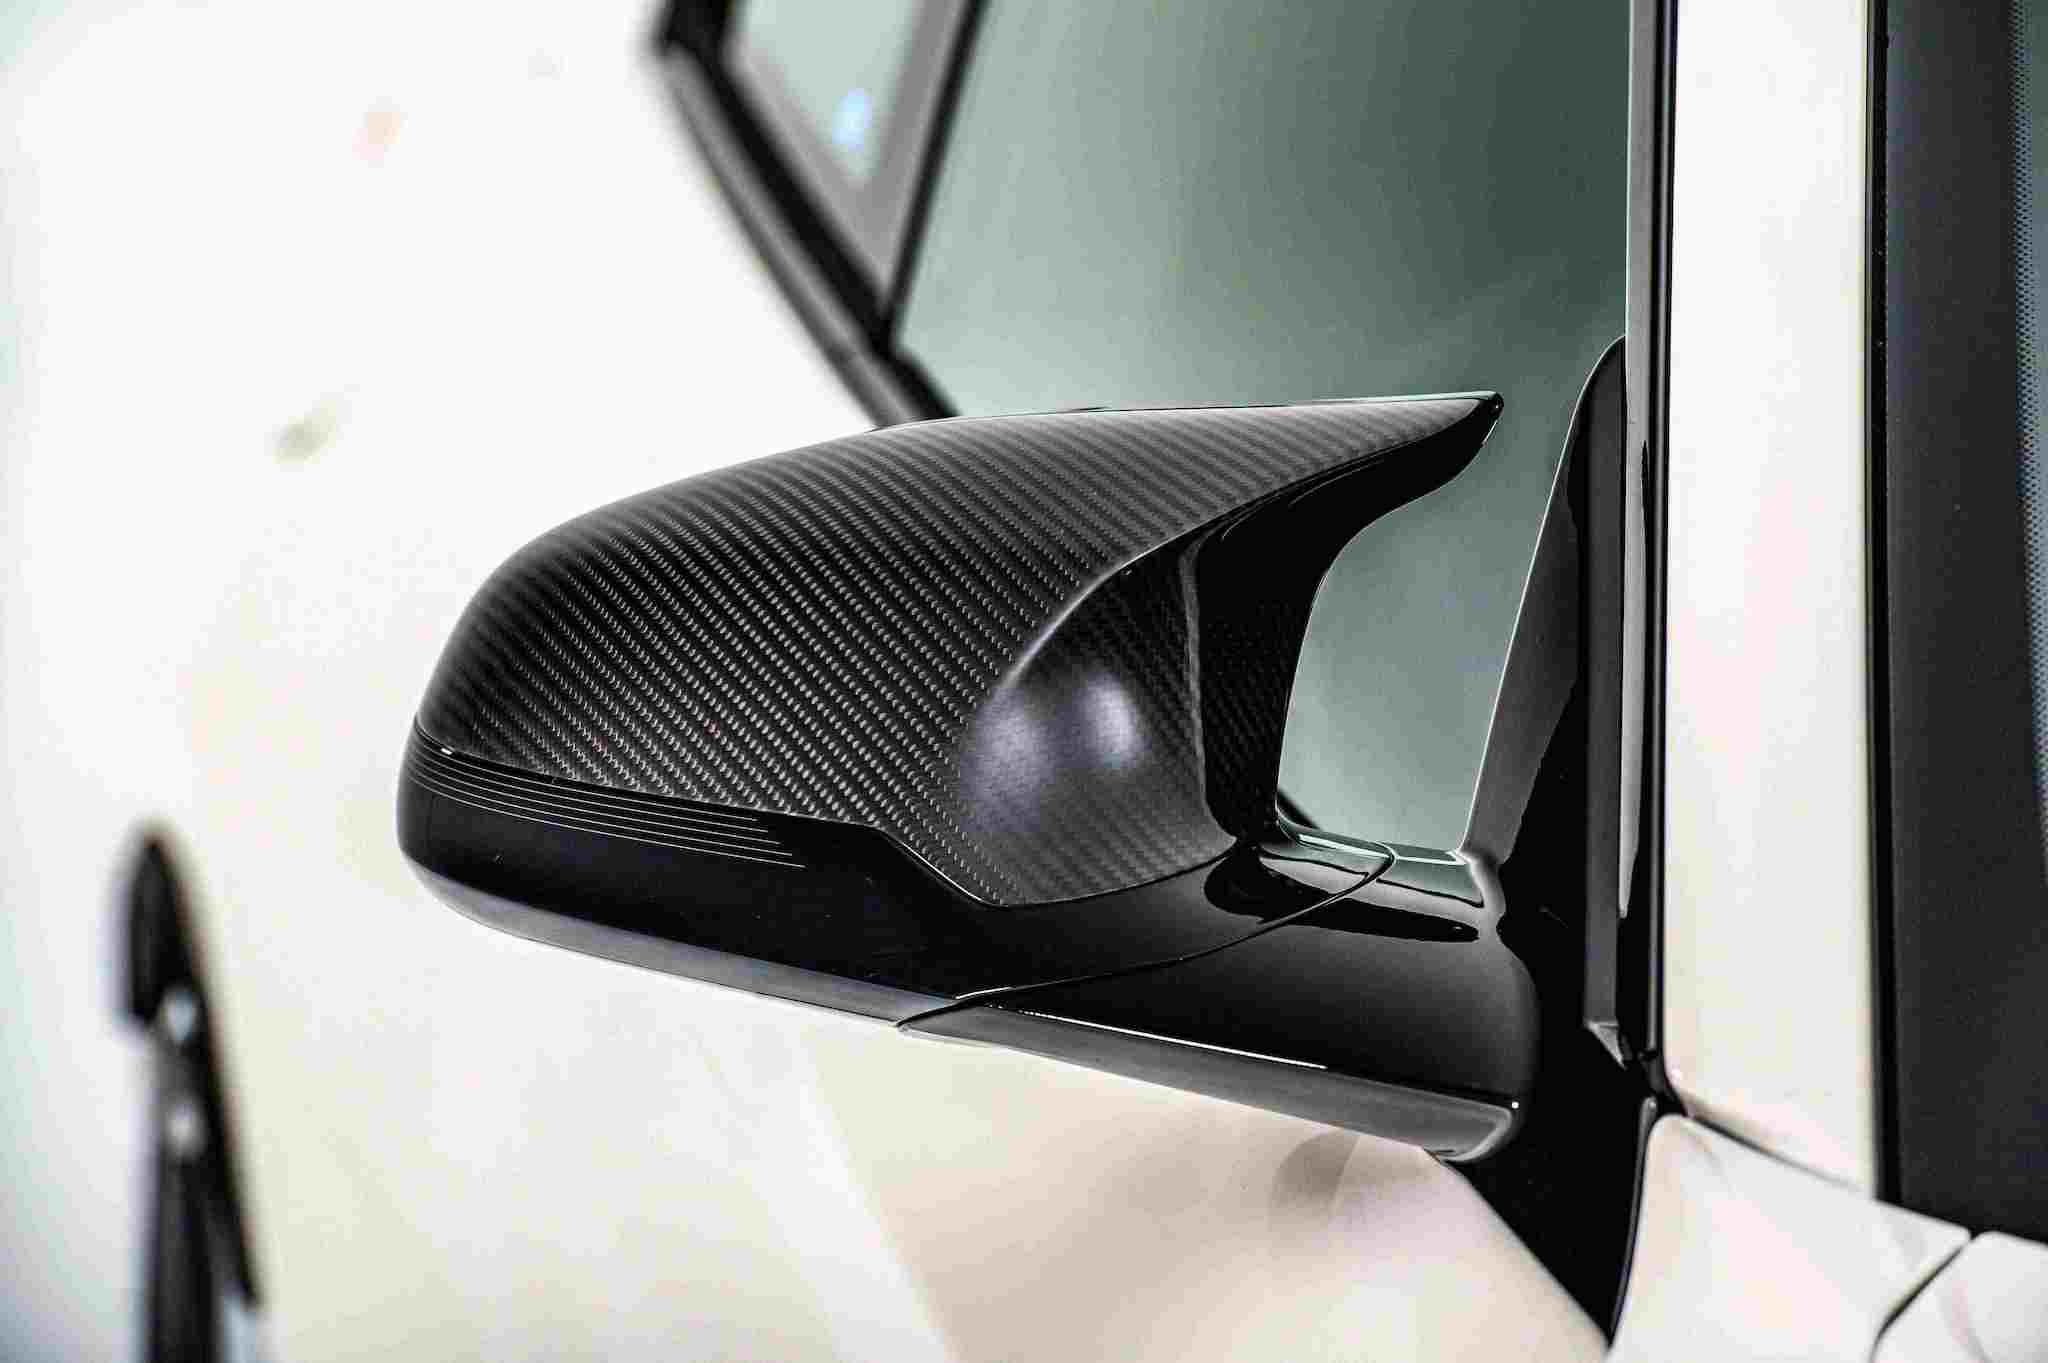 以空氣力學概念打造的經典水滴型後視鏡蓋採用碳纖維材質。